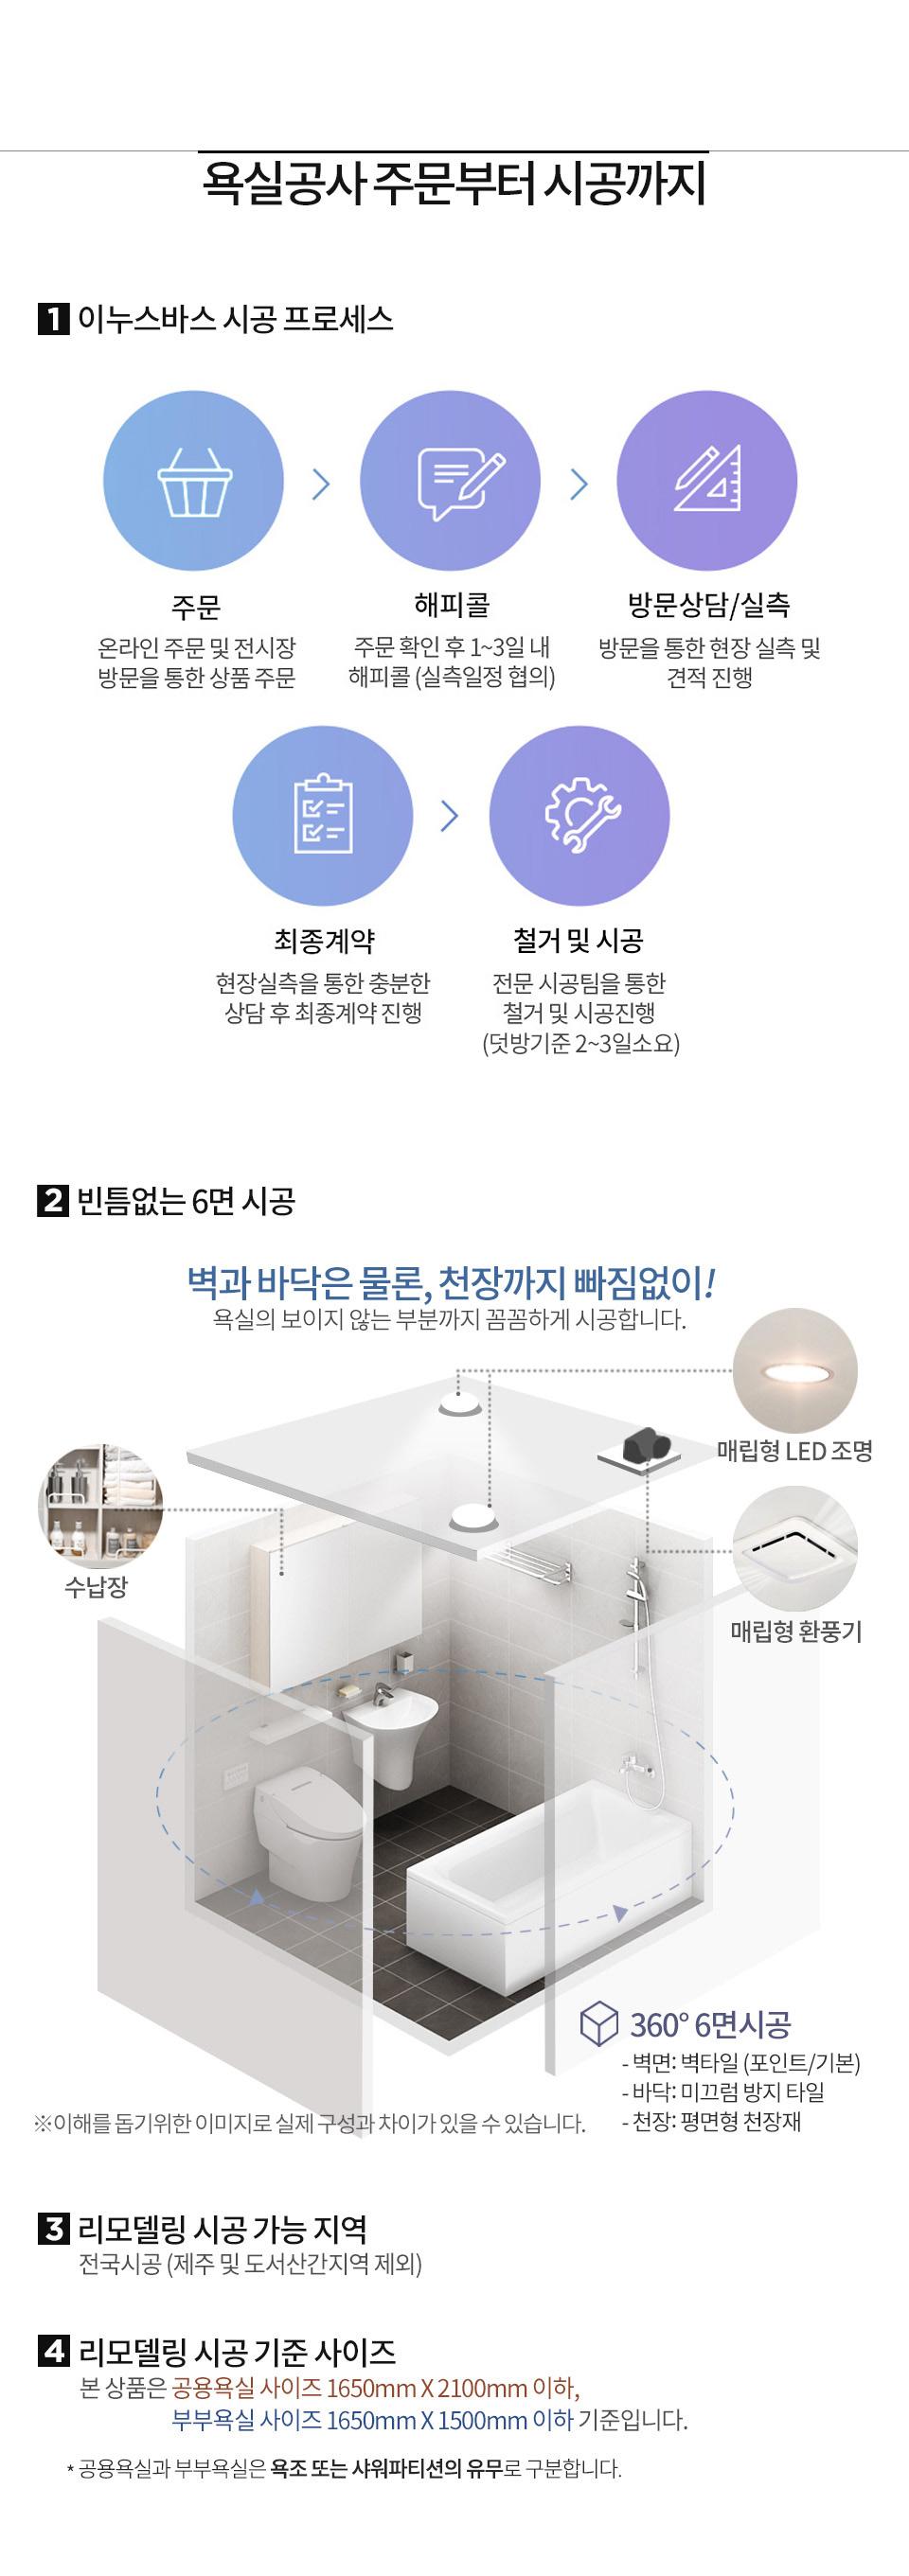 욕실리모델링 시공절차